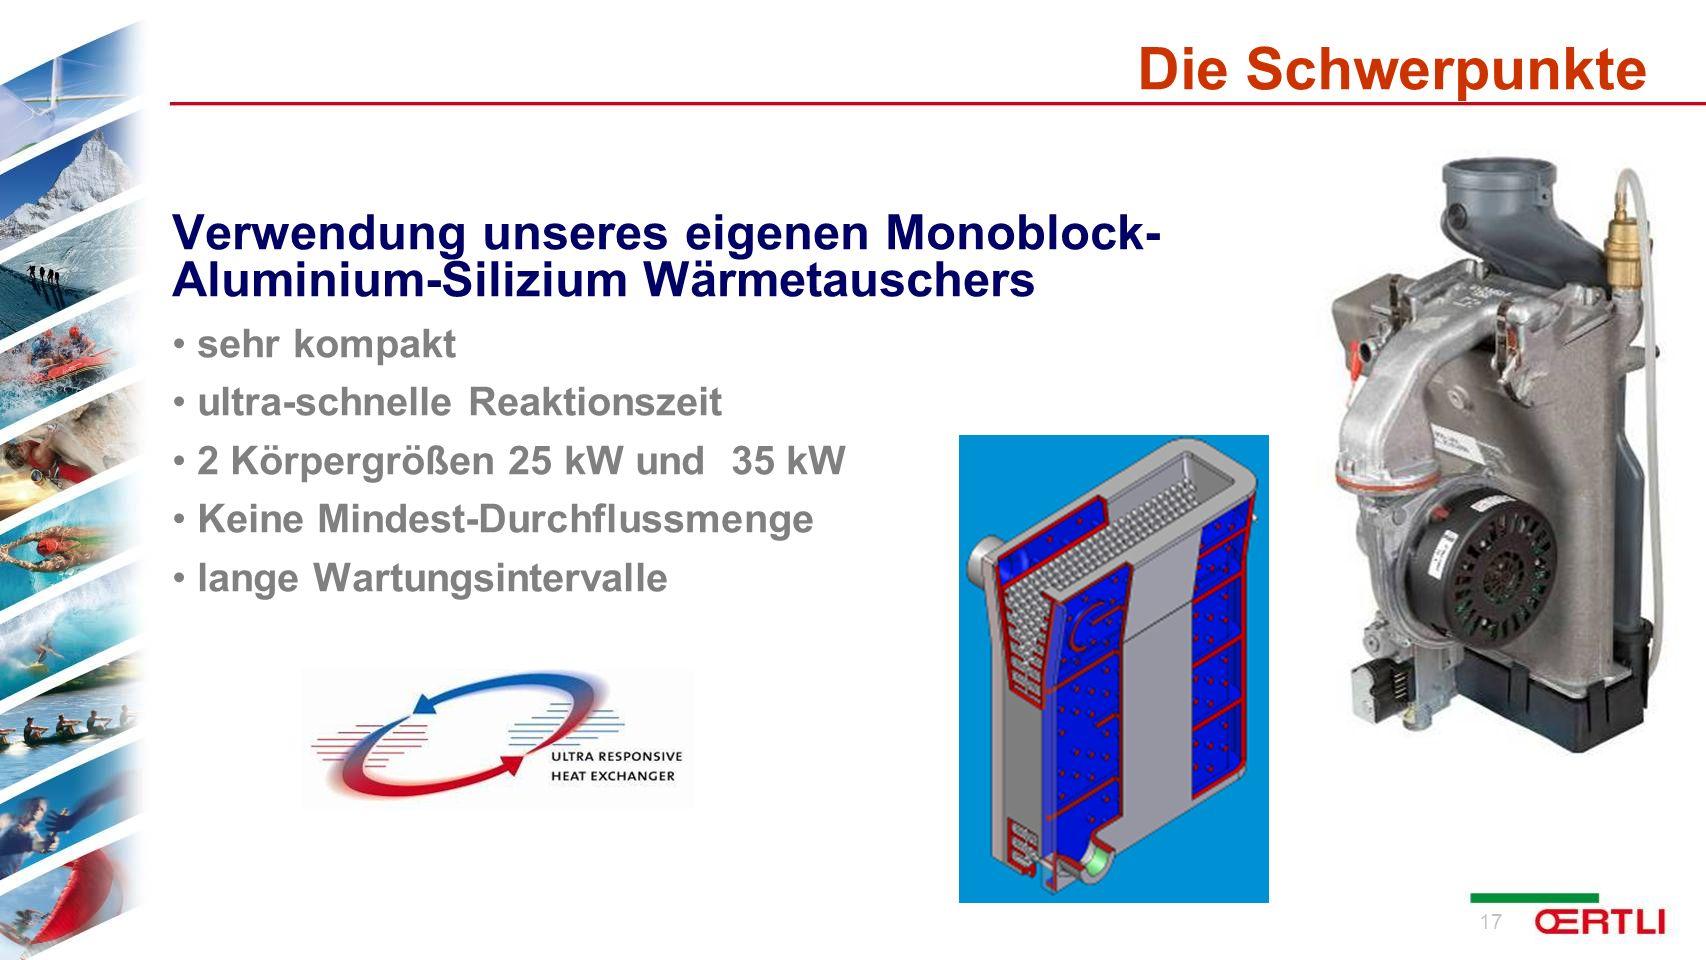 Die SchwerpunkteVerwendung unseres eigenen Monoblock- Aluminium-Silizium Wärmetauschers. sehr kompakt.